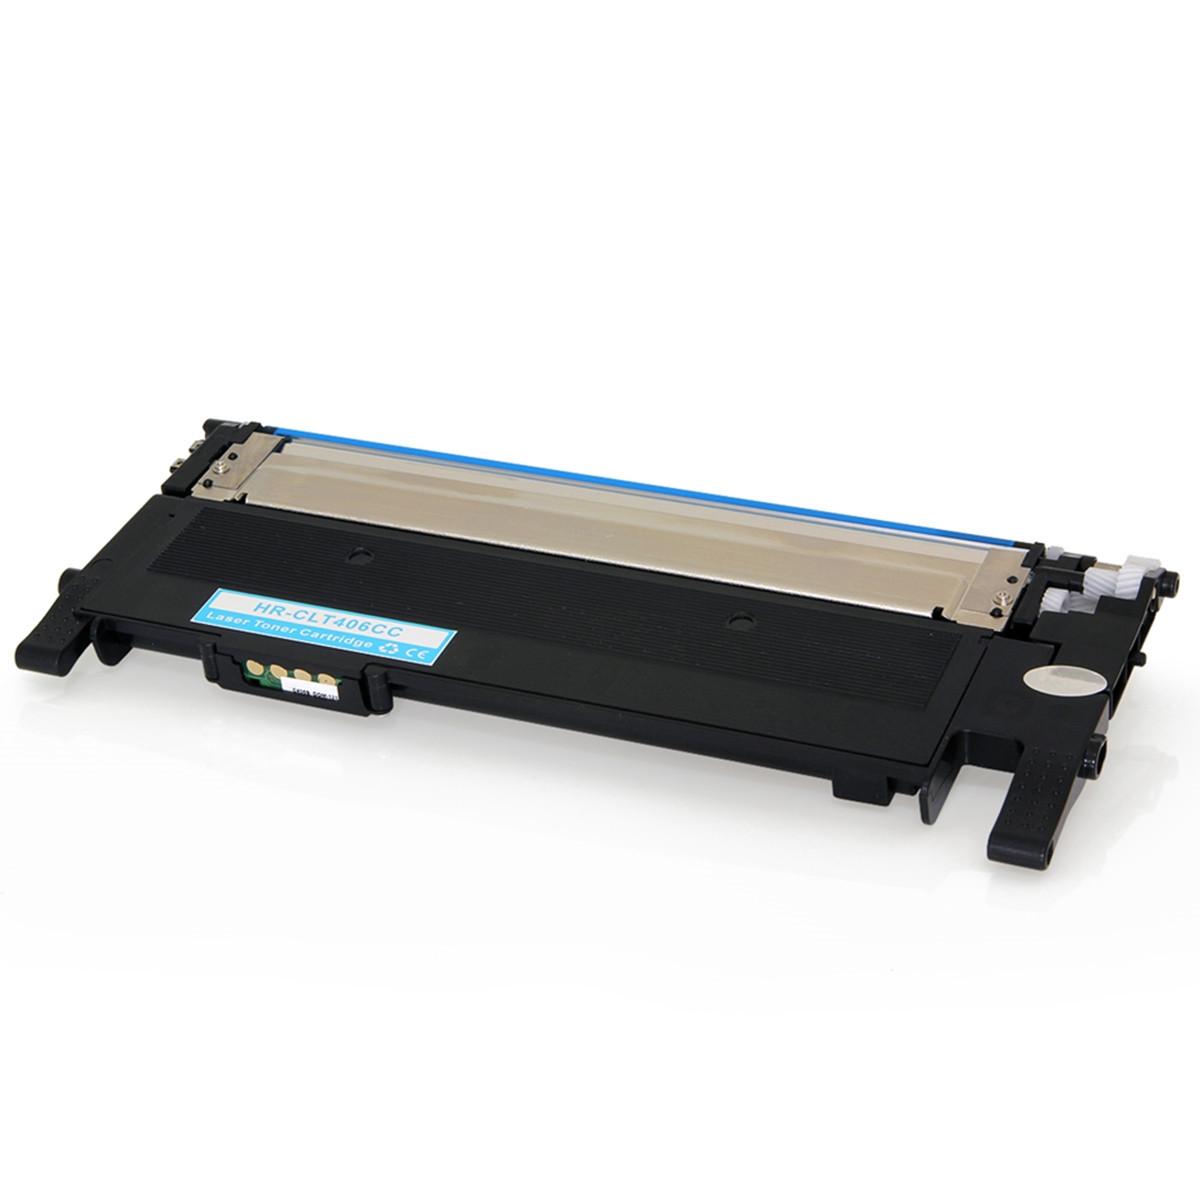 Toner Compatível com Samsung CLT-C406S Ciano | CLP365W CLP365 CLP360 CLX3305 | Importado 1k